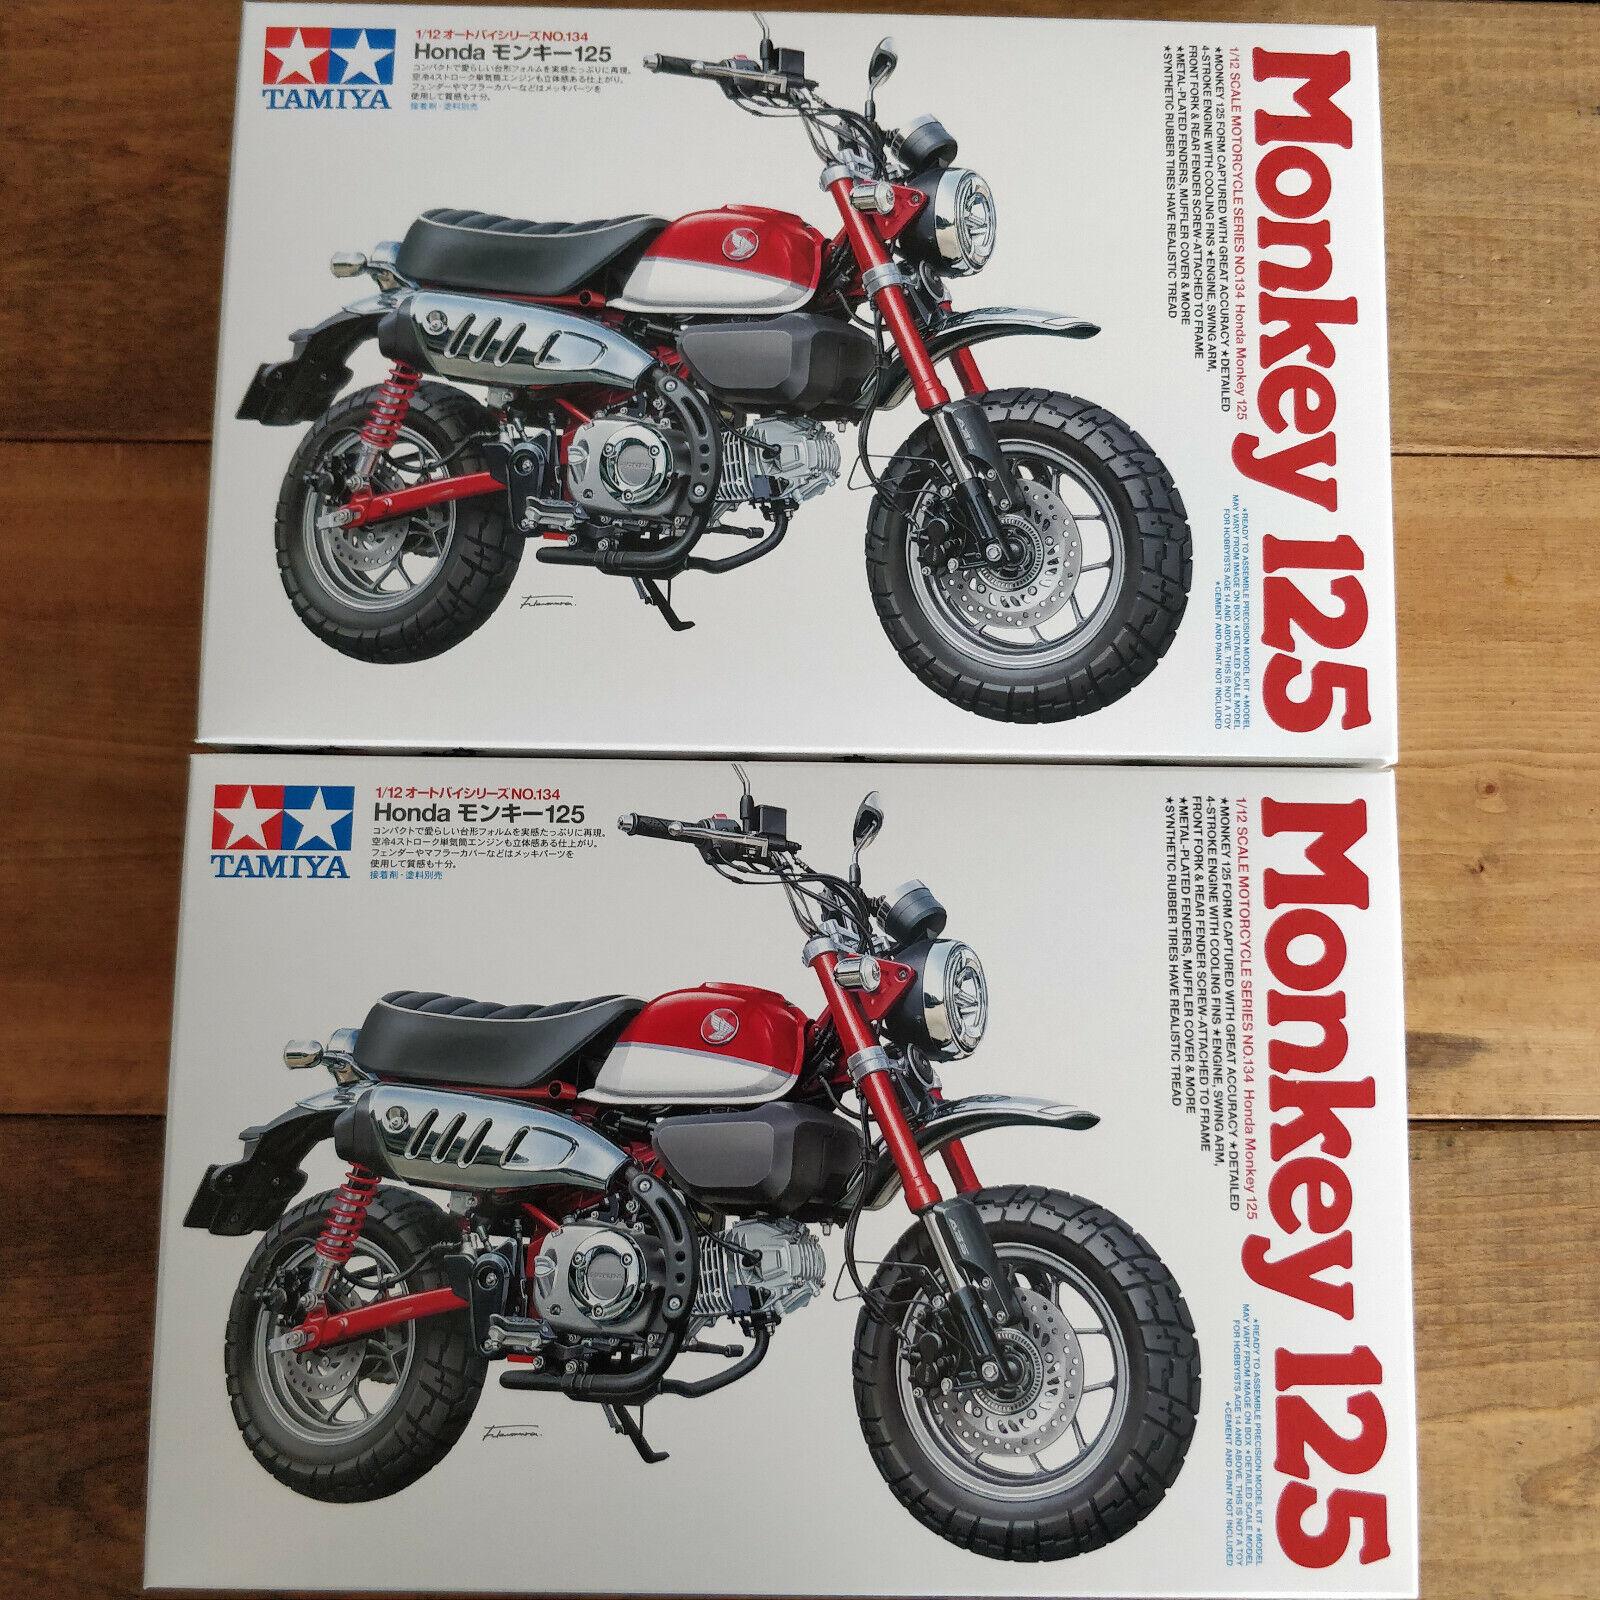 TAMIYA 1  12 Honda Monkey 125 cykel Plastic modellllerlerl Montering Kit 2set